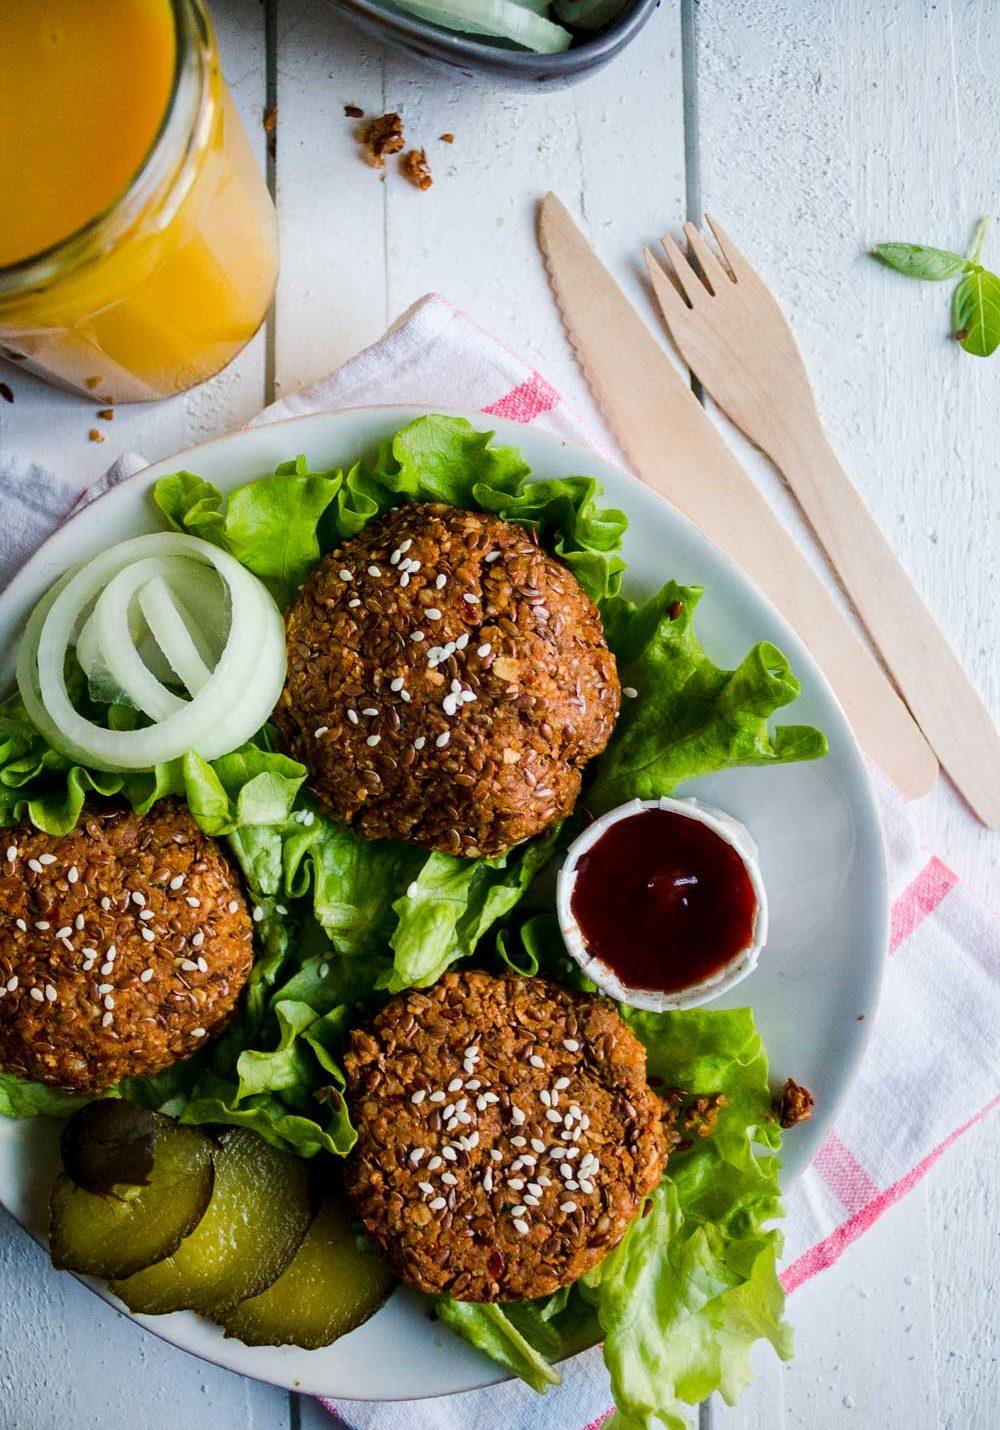 walnut-flax-burgers-6